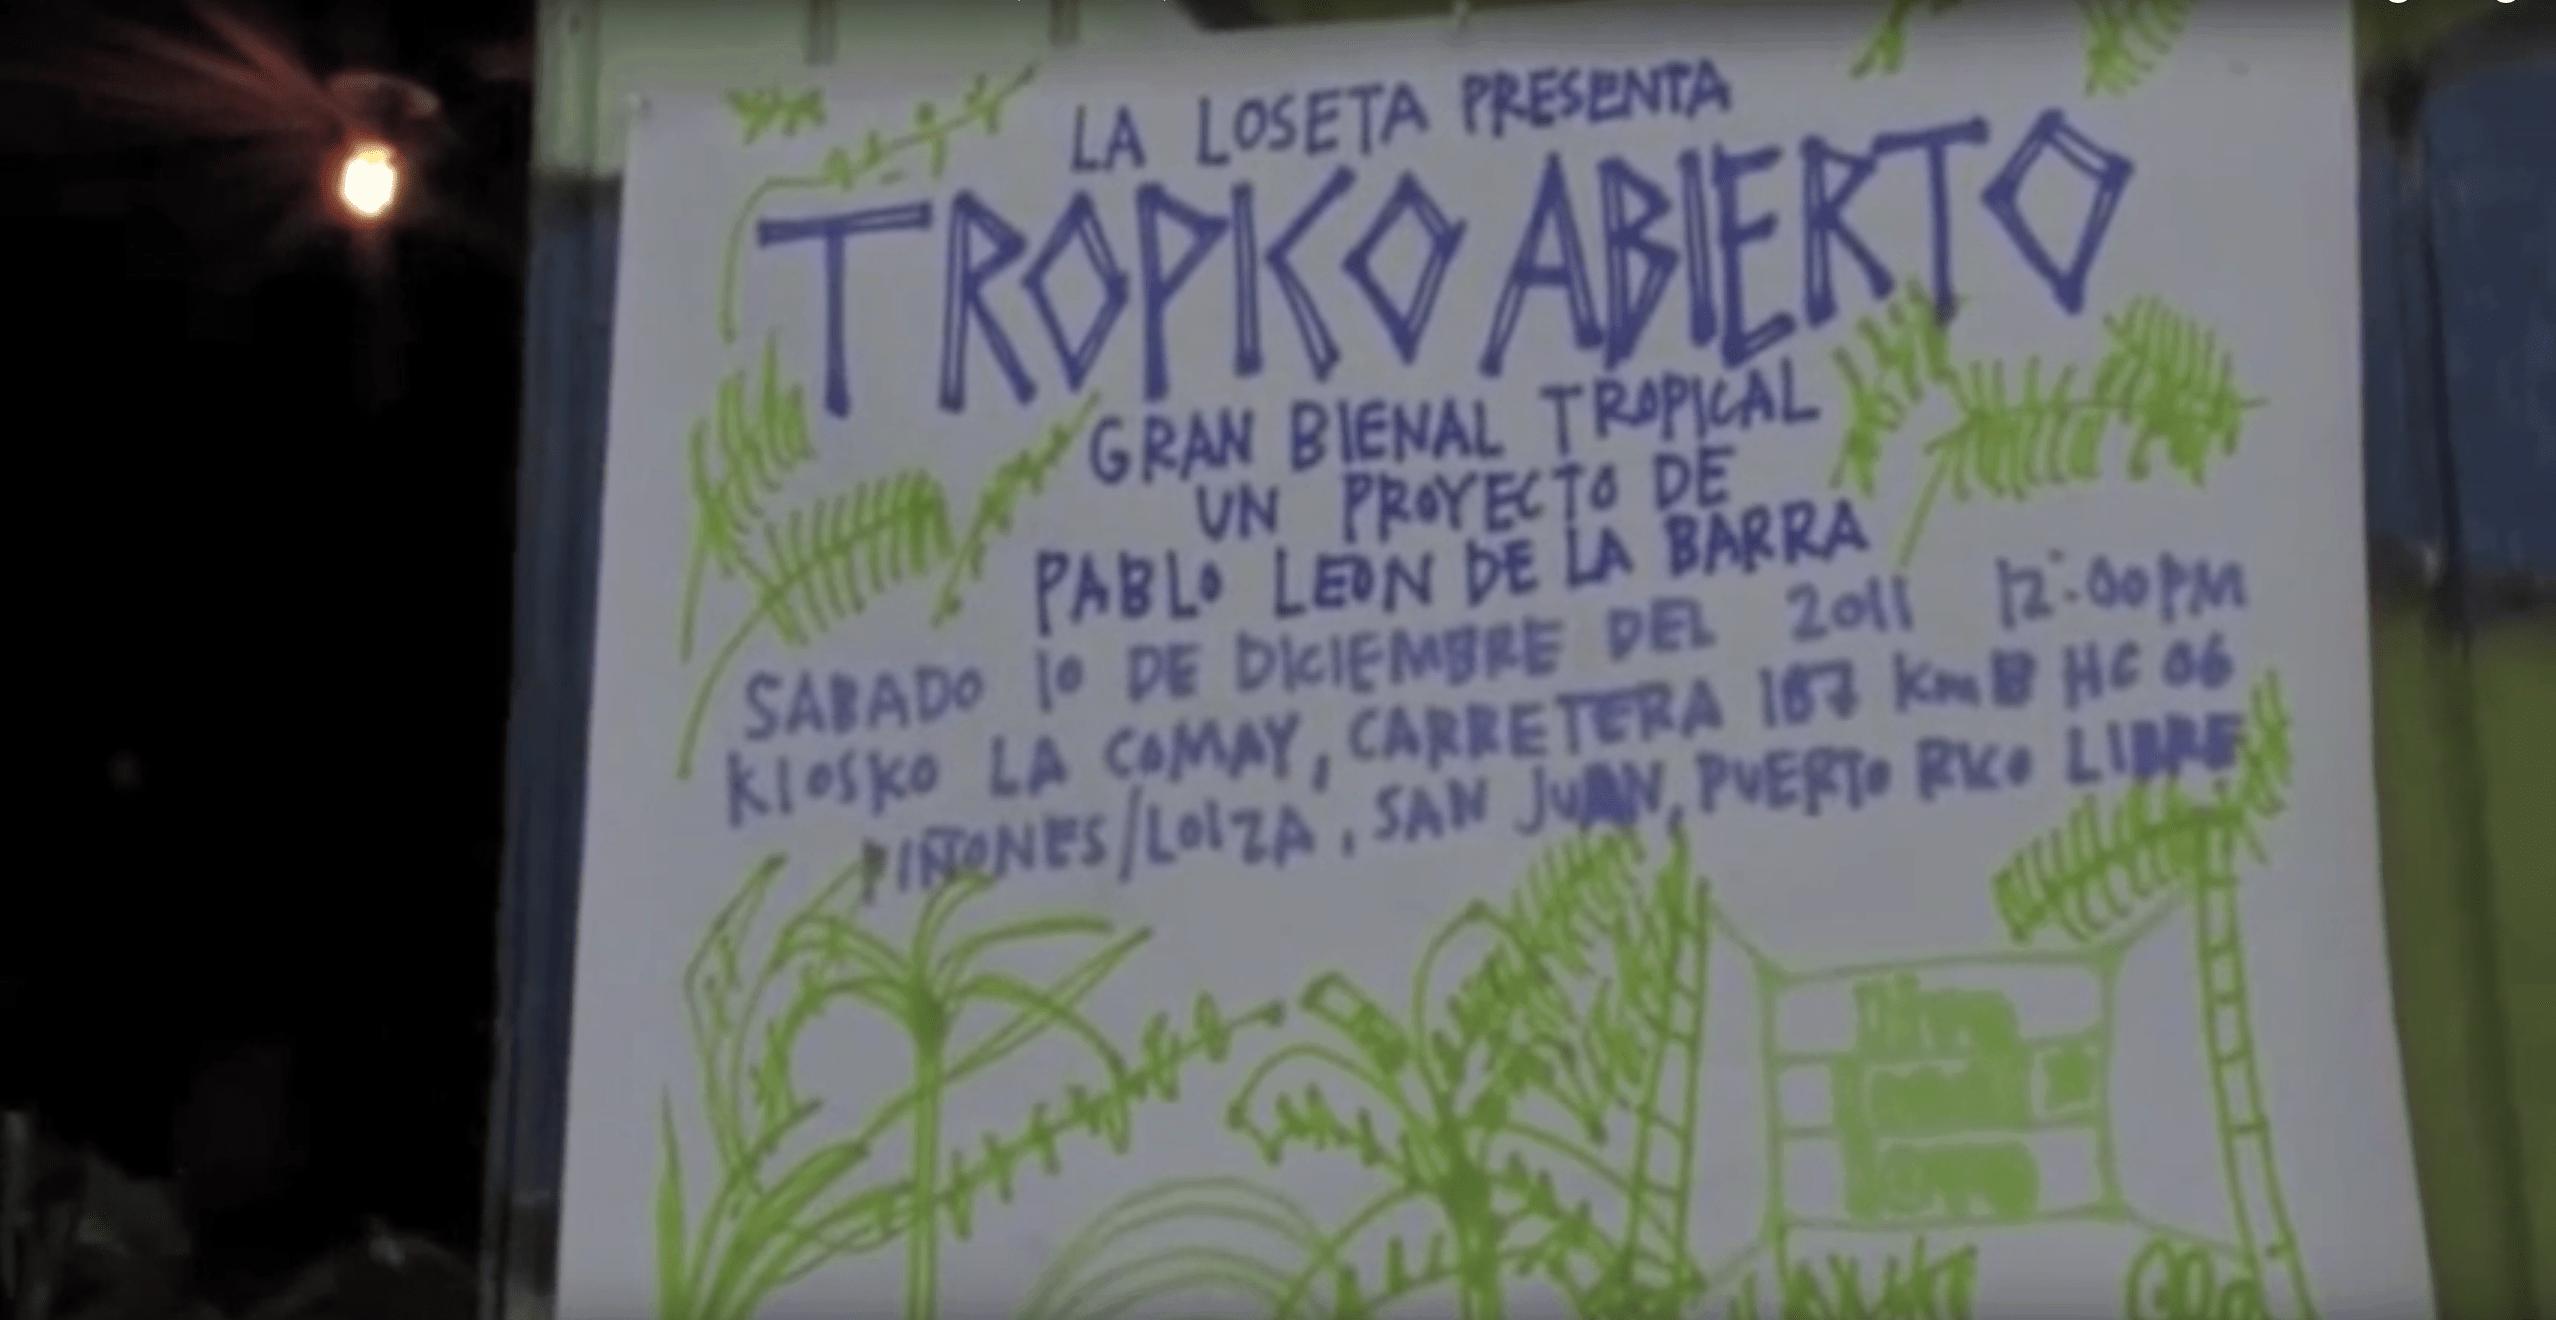 Gran Bienal Tropical